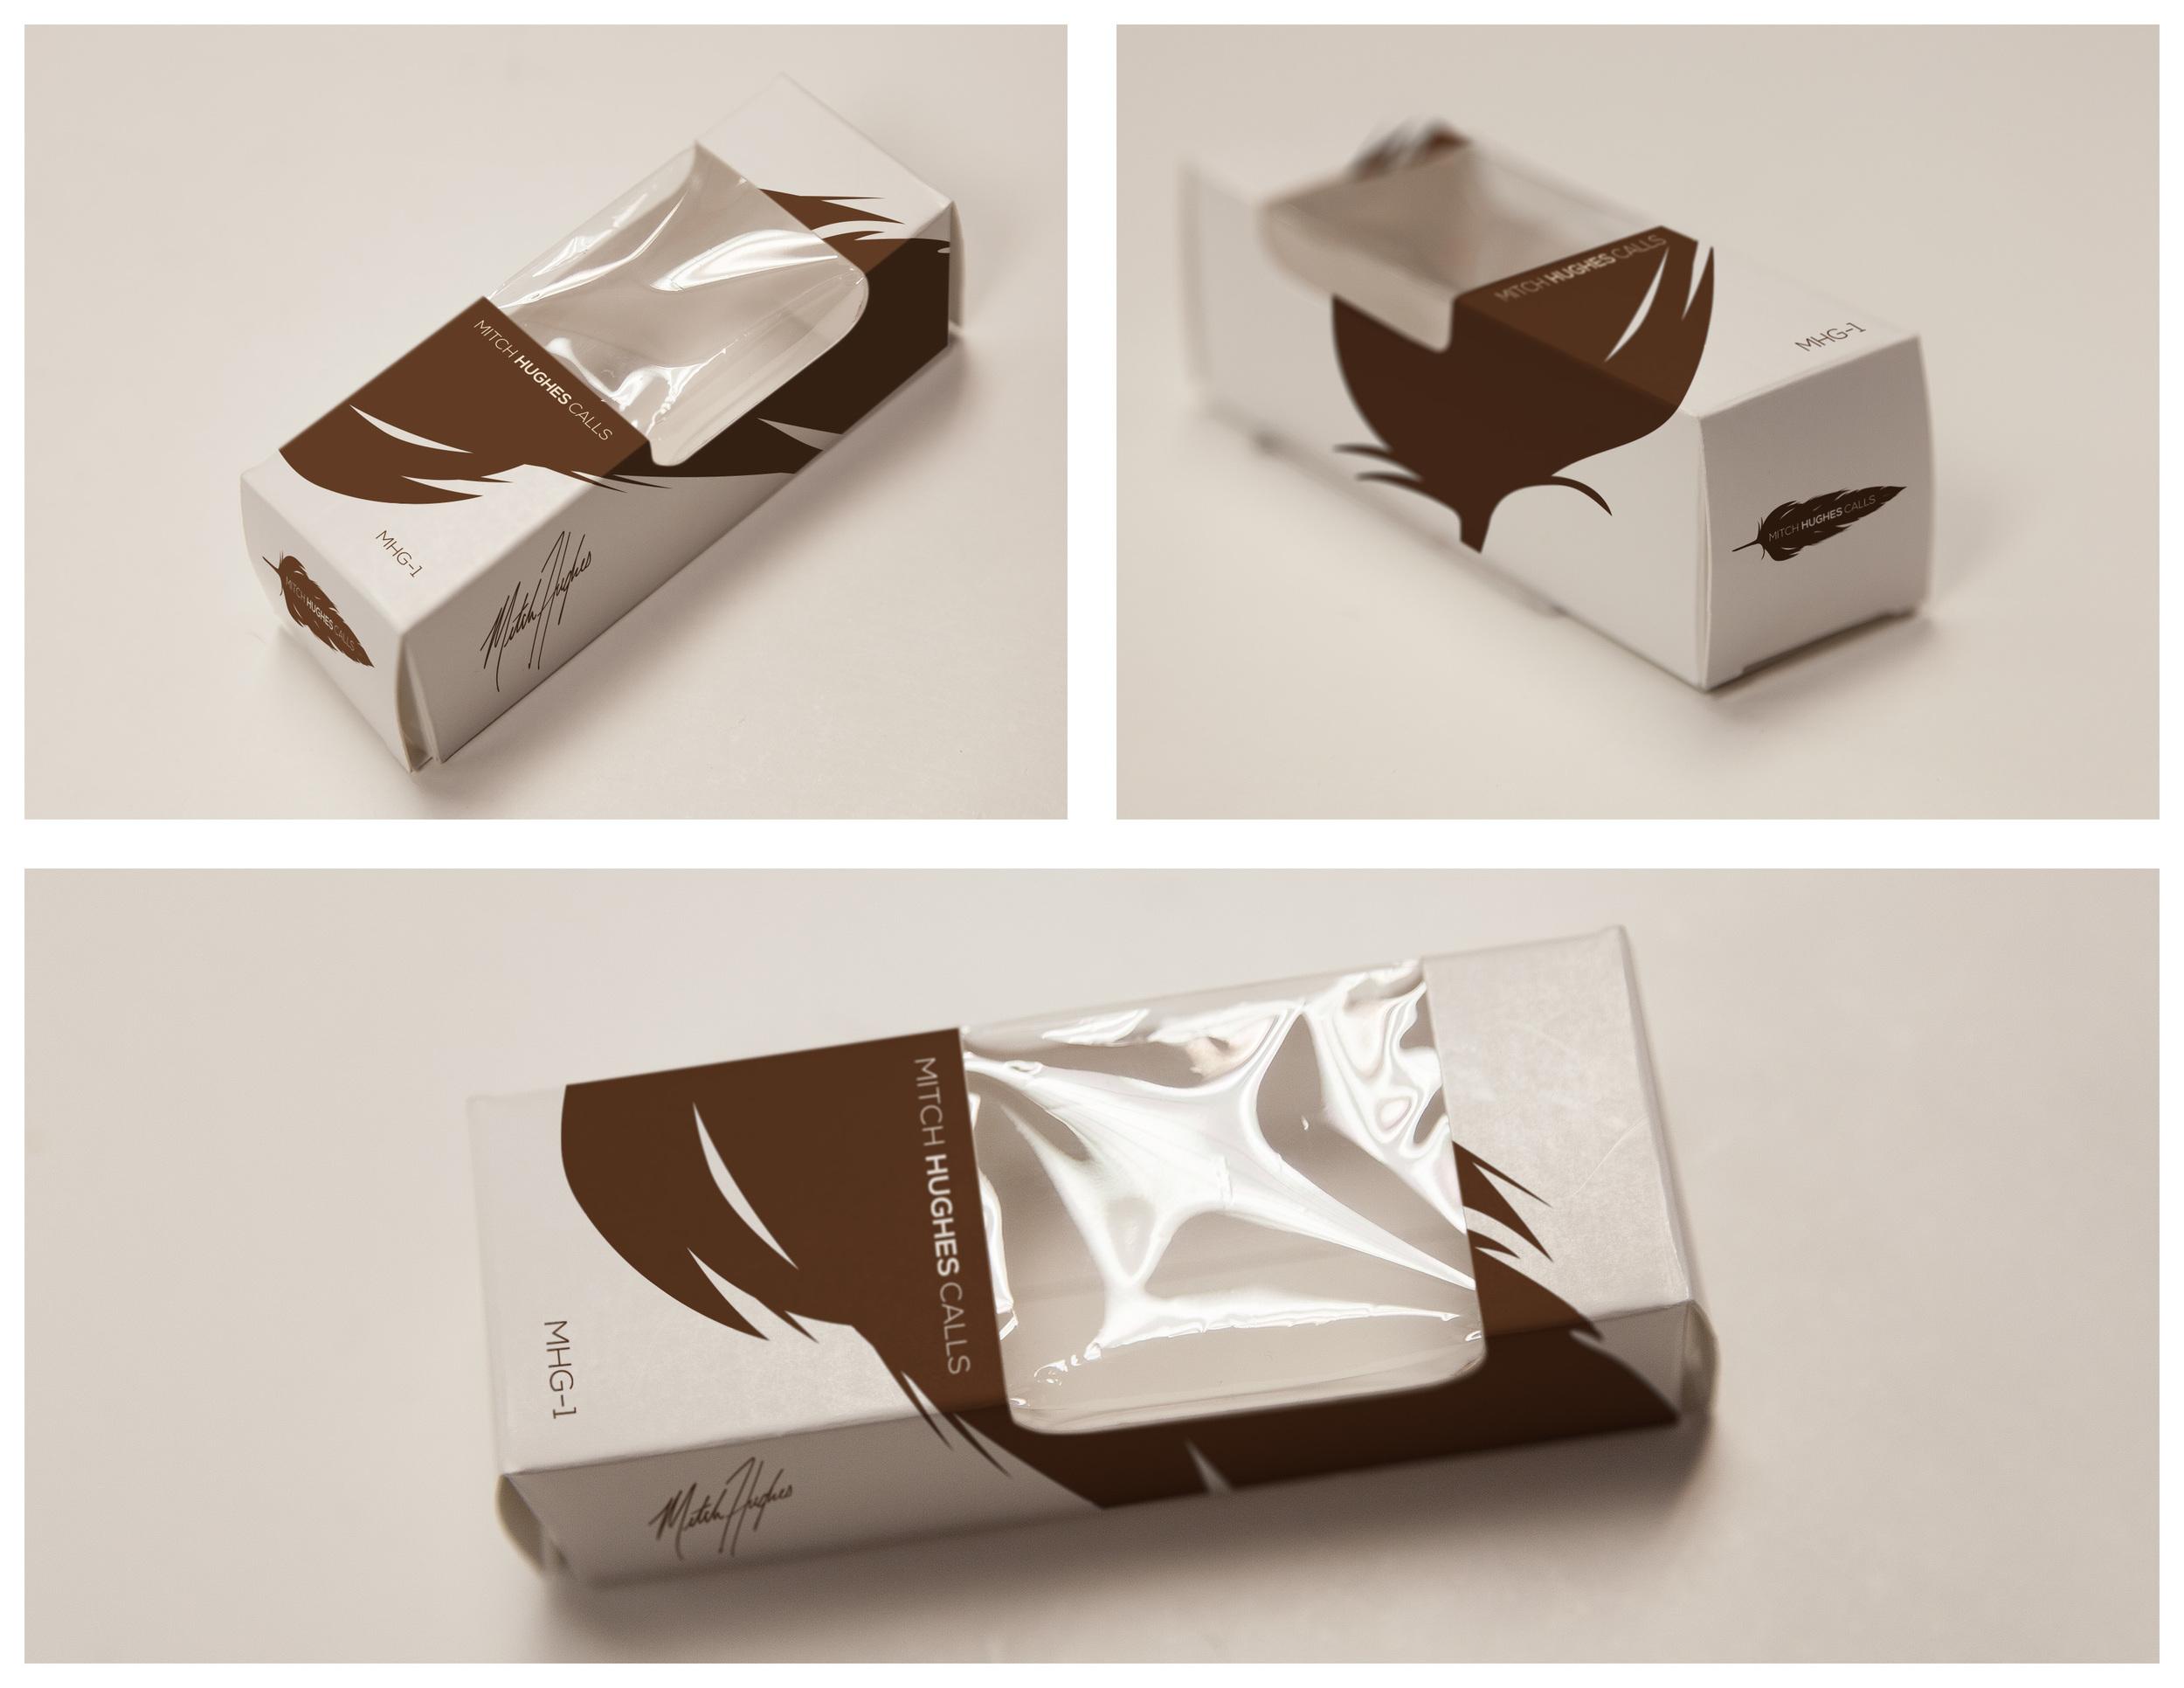 Hughes_packaging_test1.jpg